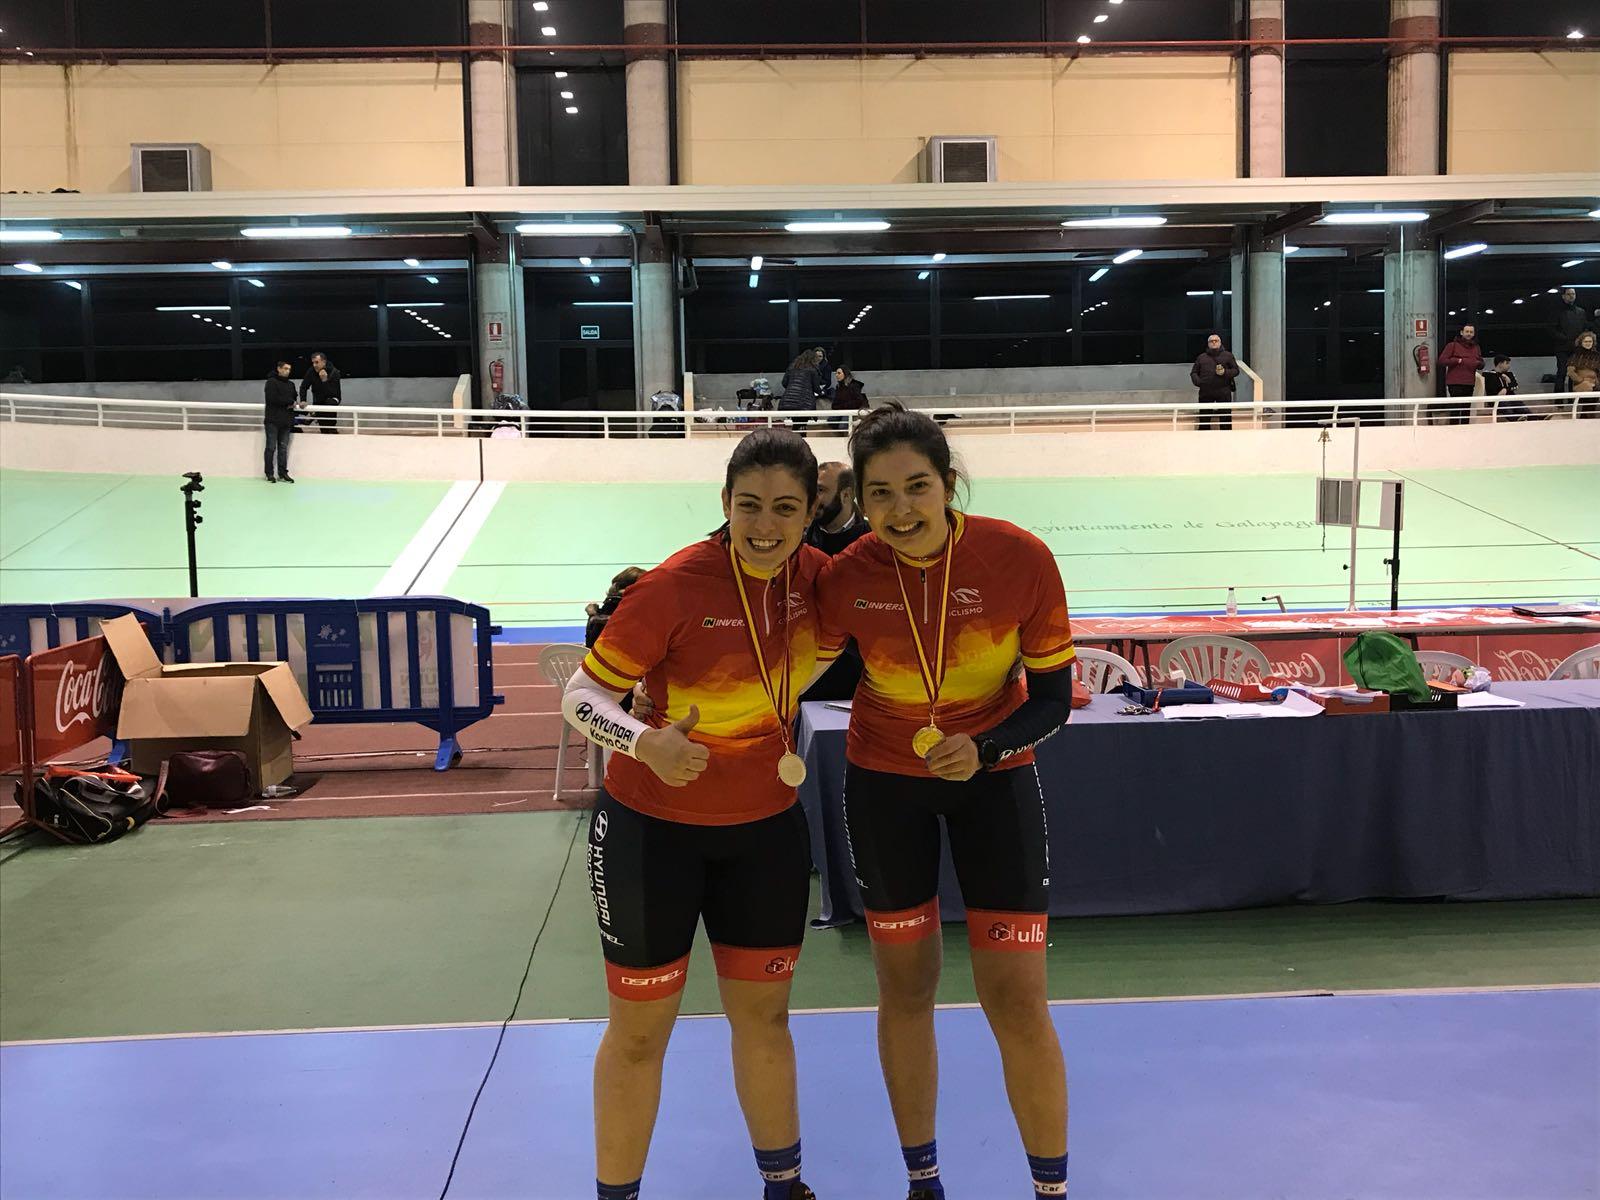 L'alumna de 3r de CAFE Esther Villaret obté la medalla d'or en persecució individual i en el quilòmetre en els campionats d'Espanya de ciclisme adaptat